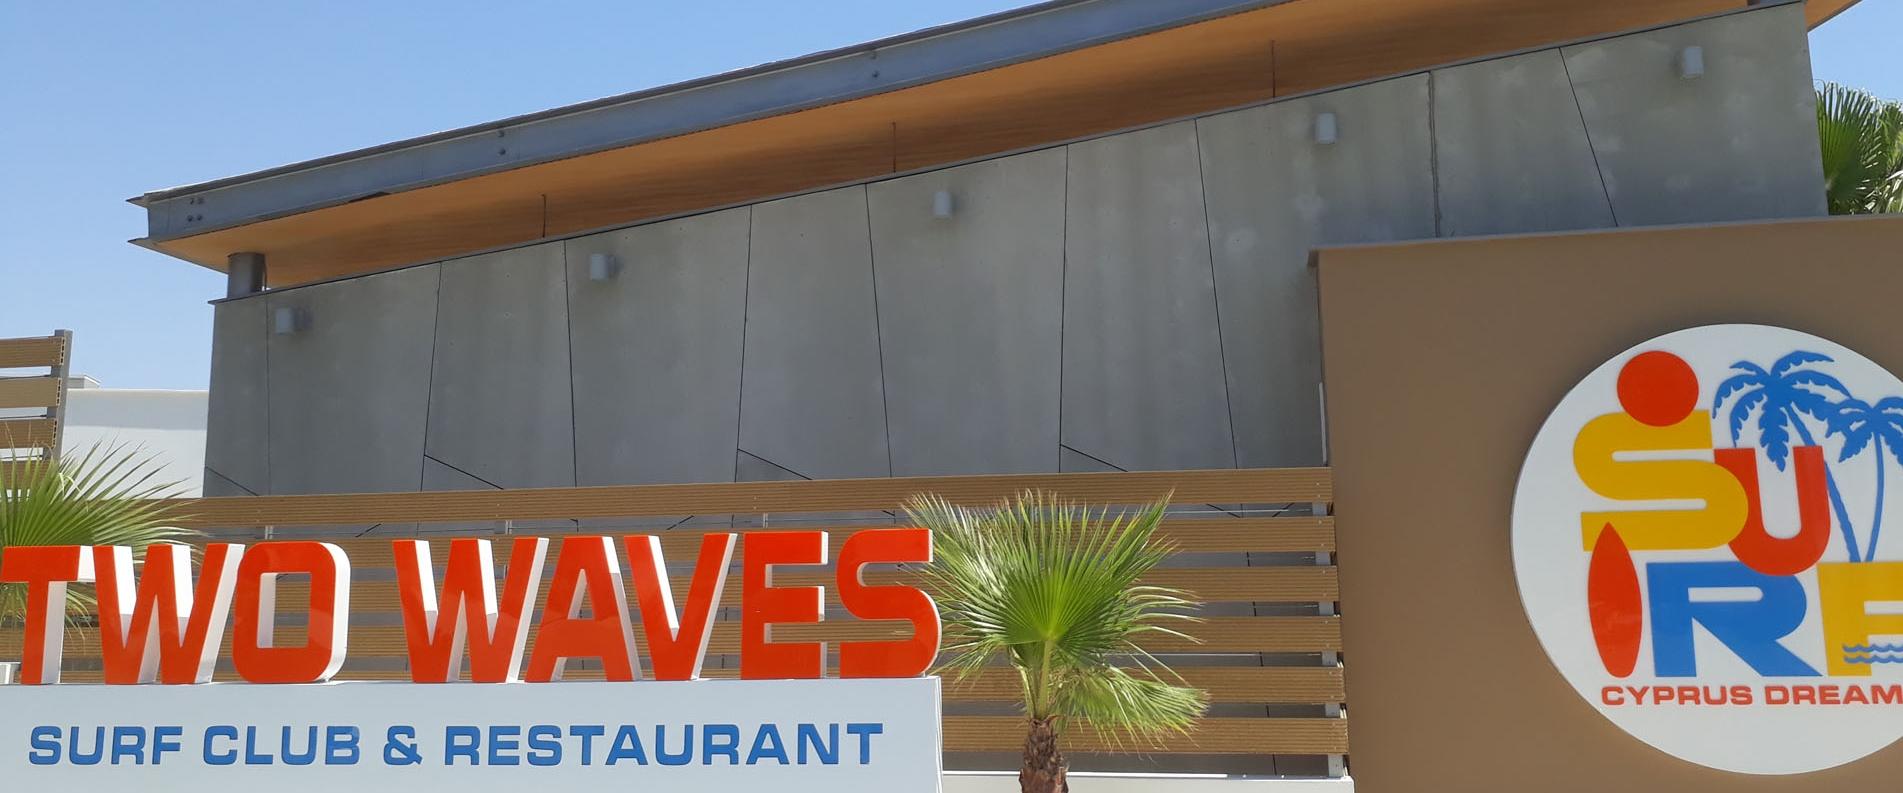 Развлечения на Кипре в TwoWaves Club